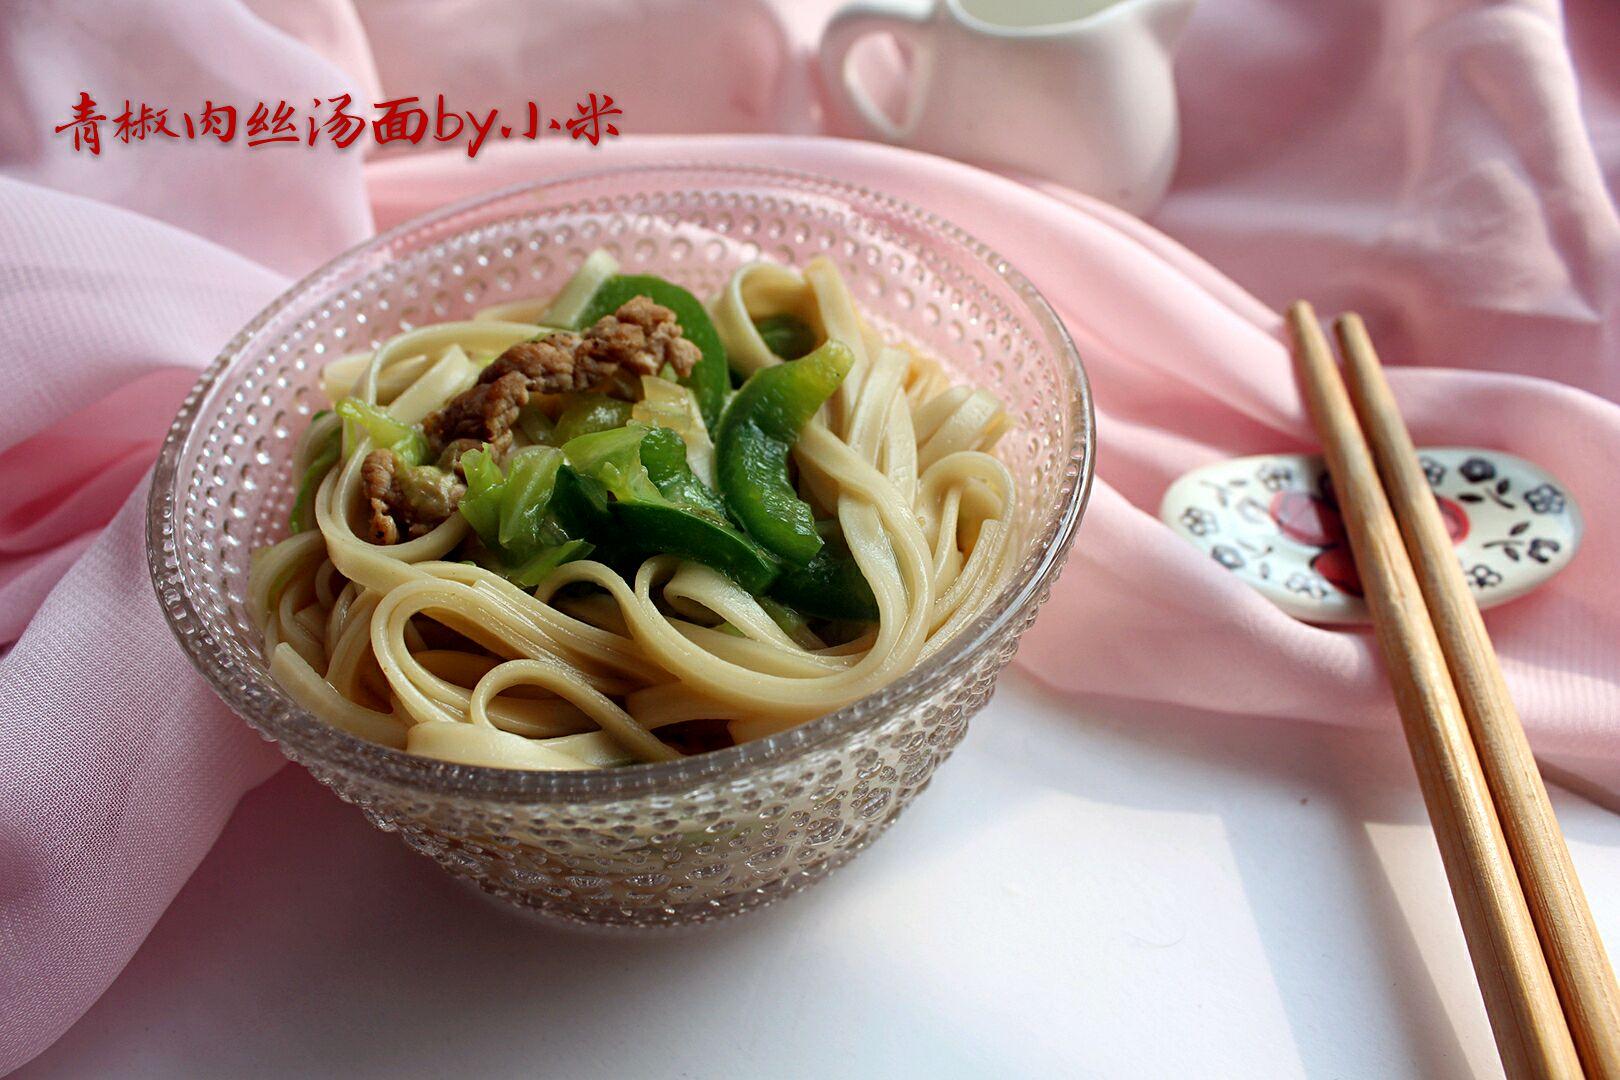 肉丝青椒汤孕妇菜谱_做法_豆果美食菜谱月第十个面的图片